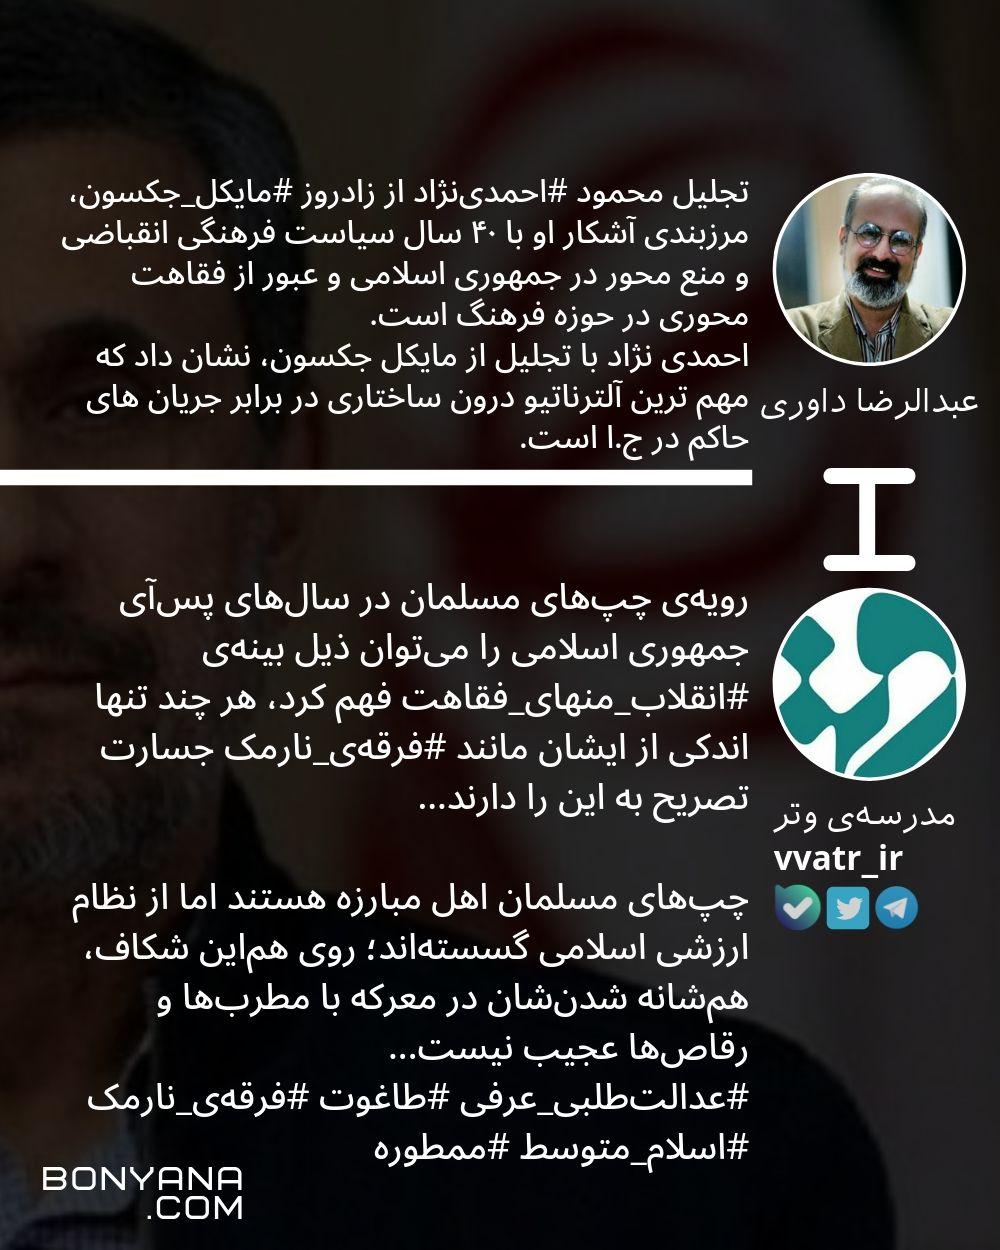 تجلیل محمود احمدی نژاد از زادروز مایکل جکسون